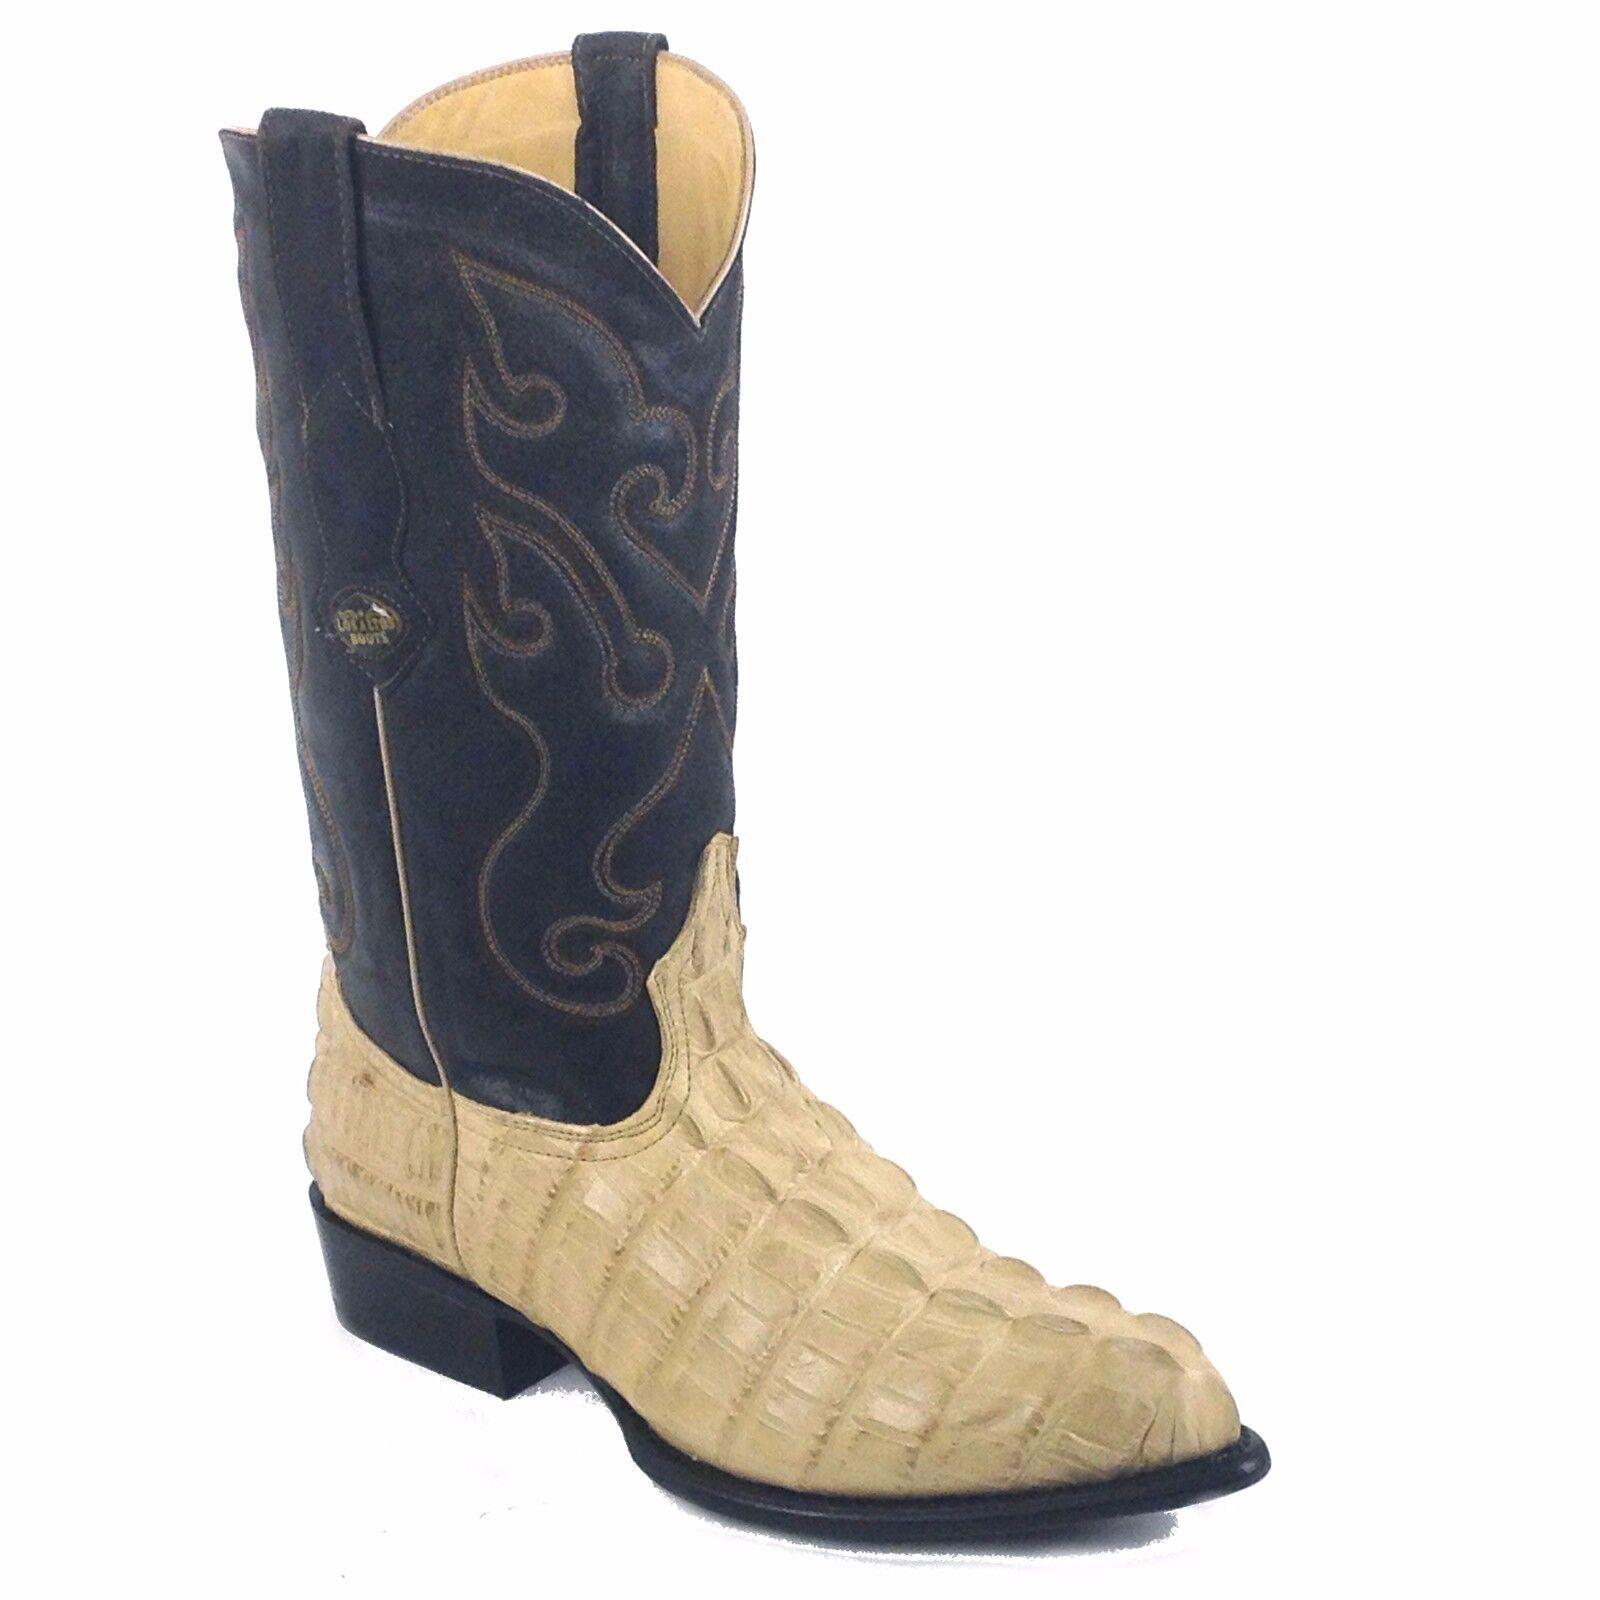 LOS ALTOS Oryx Cuero Caiman cola de impresión Imitación Caiman estilo Nº 3 99 01 11